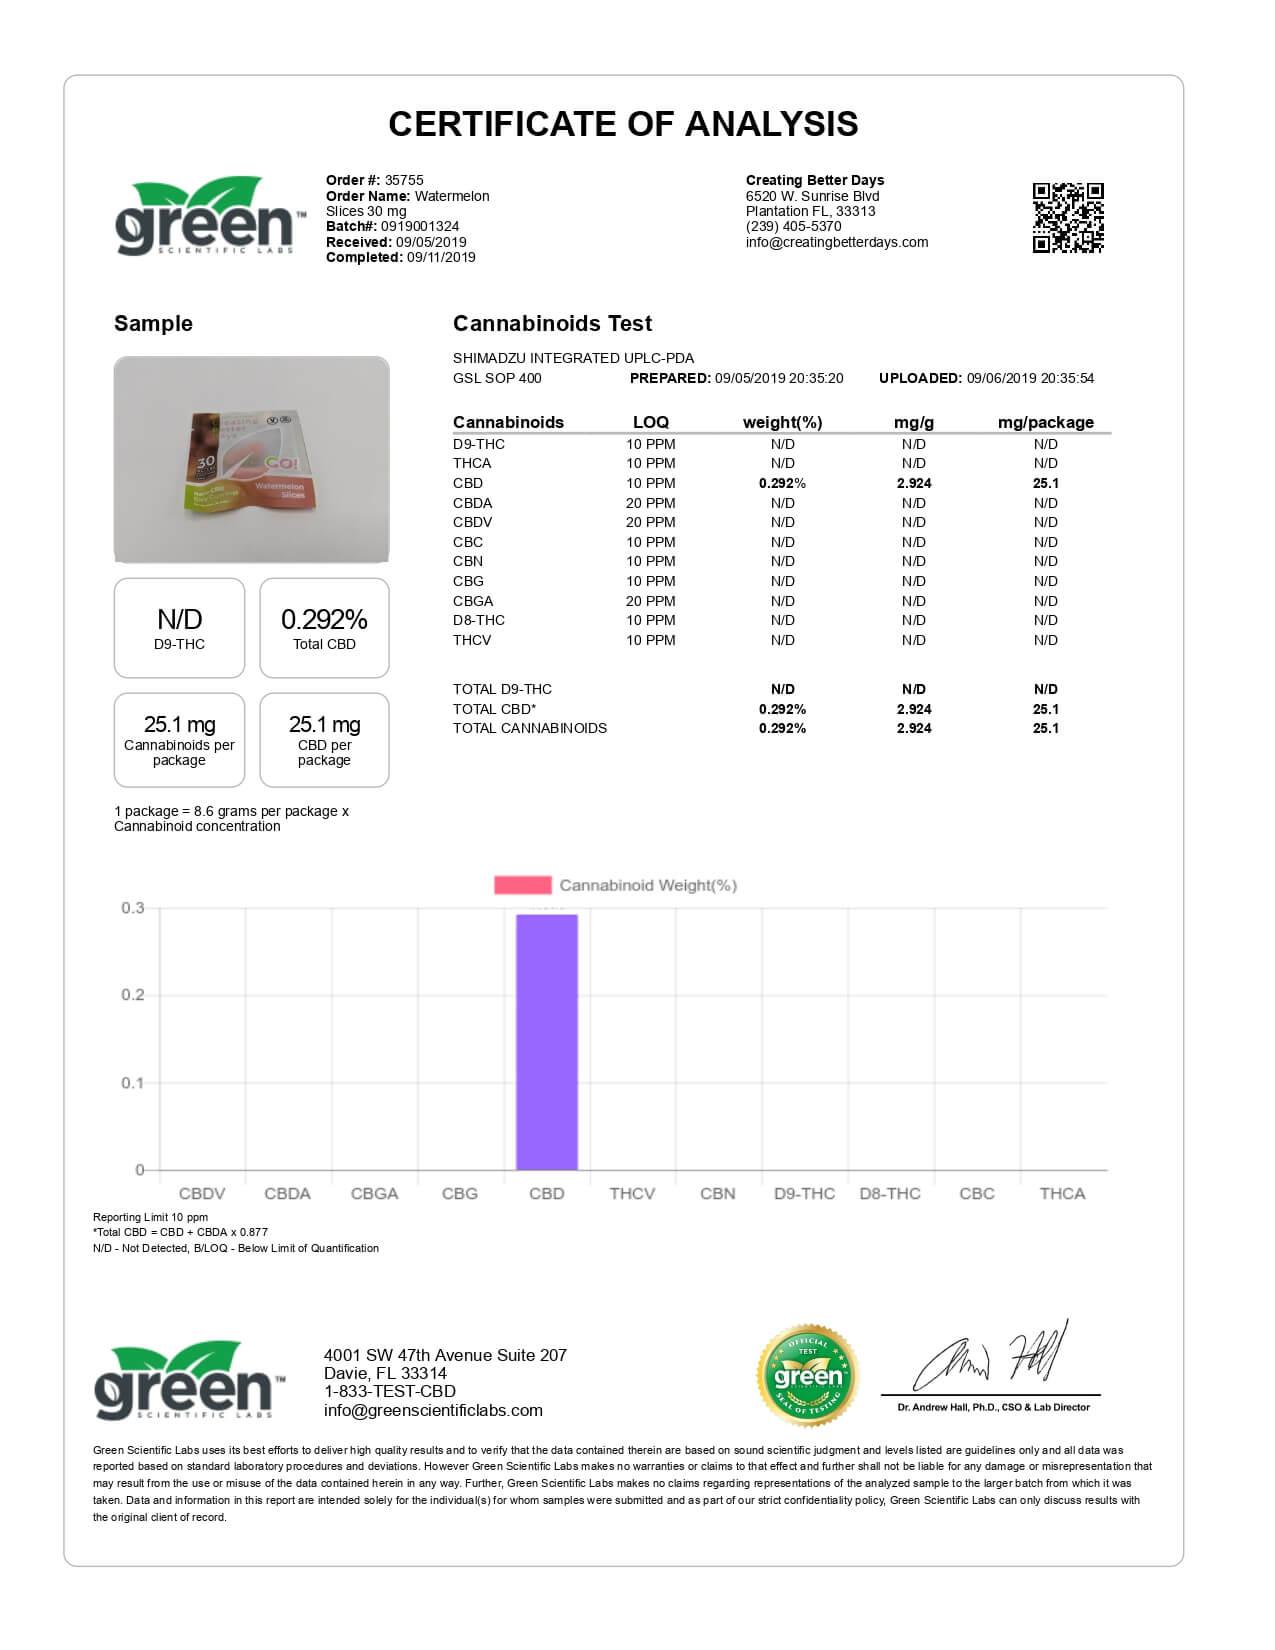 Creating Better Days CBD Edible Go! Nano-CBD Watermelon Slices Lab Report